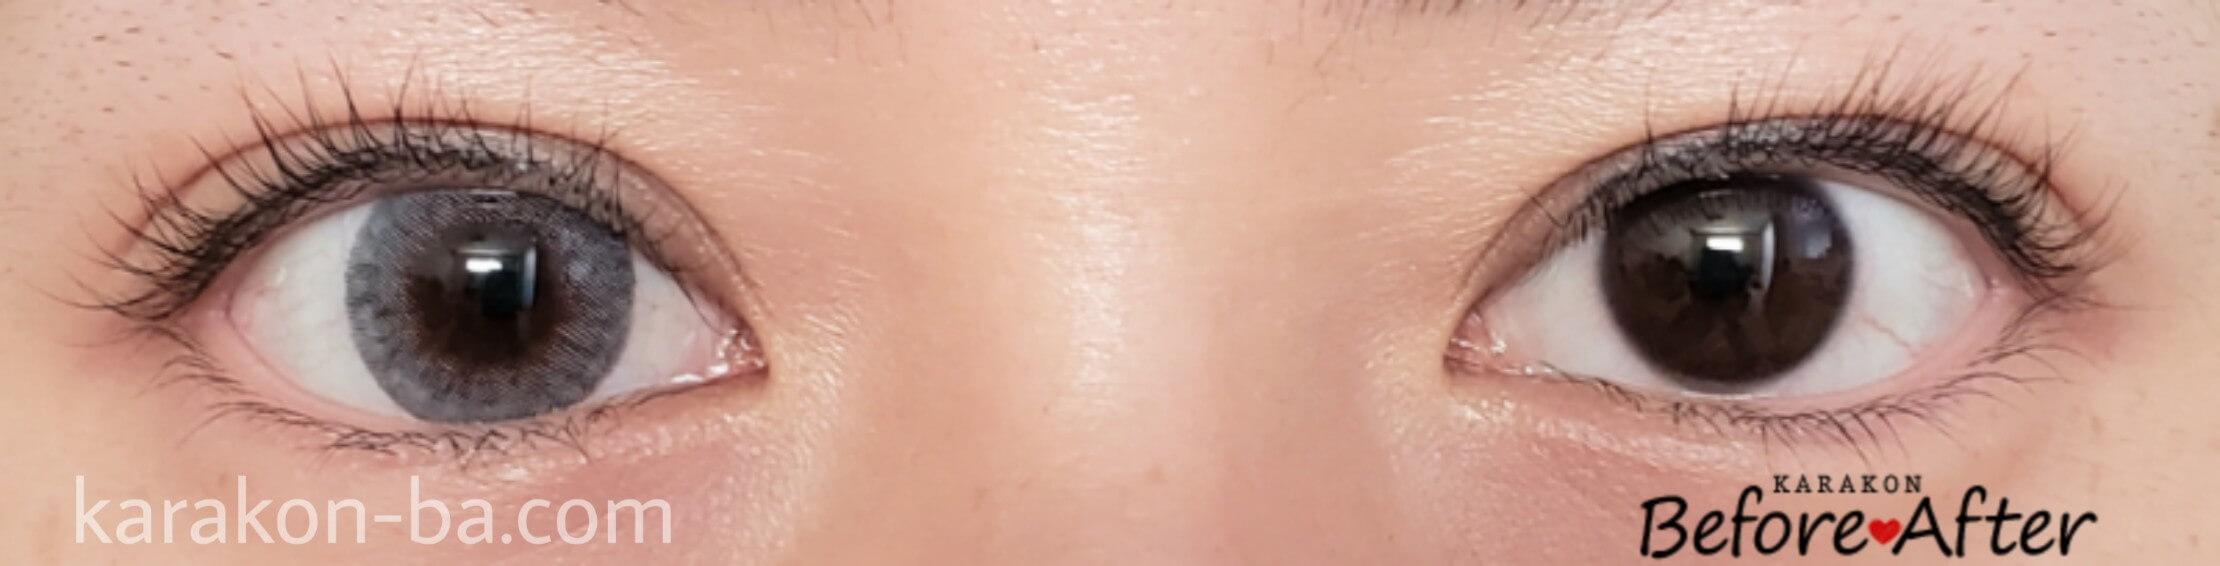 アイビーアッシュのカラコン装着画像/裸眼と比較